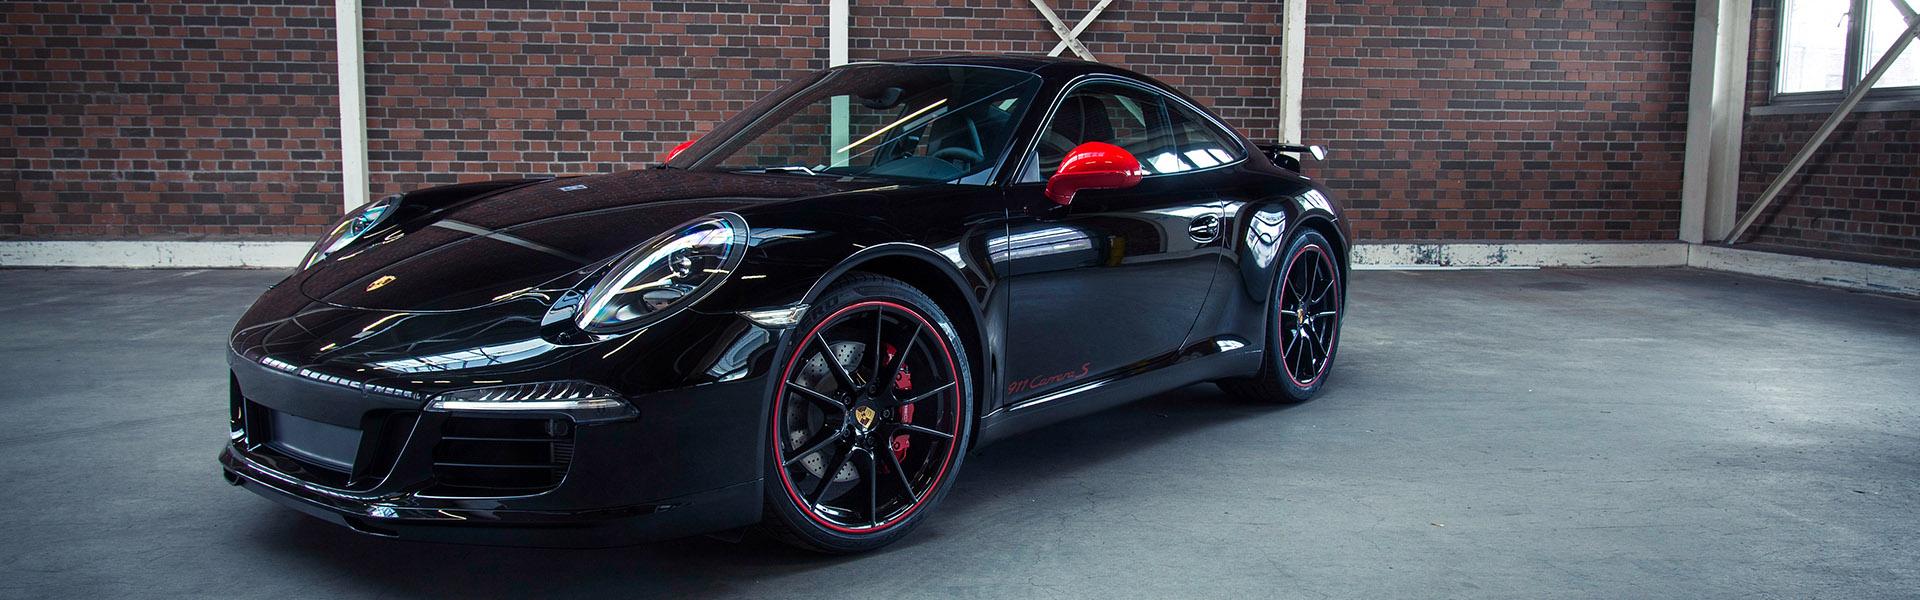 Senza titolo-1_0000_Porsche-911-Carrera-Coupe-black-supercar_3840x2160